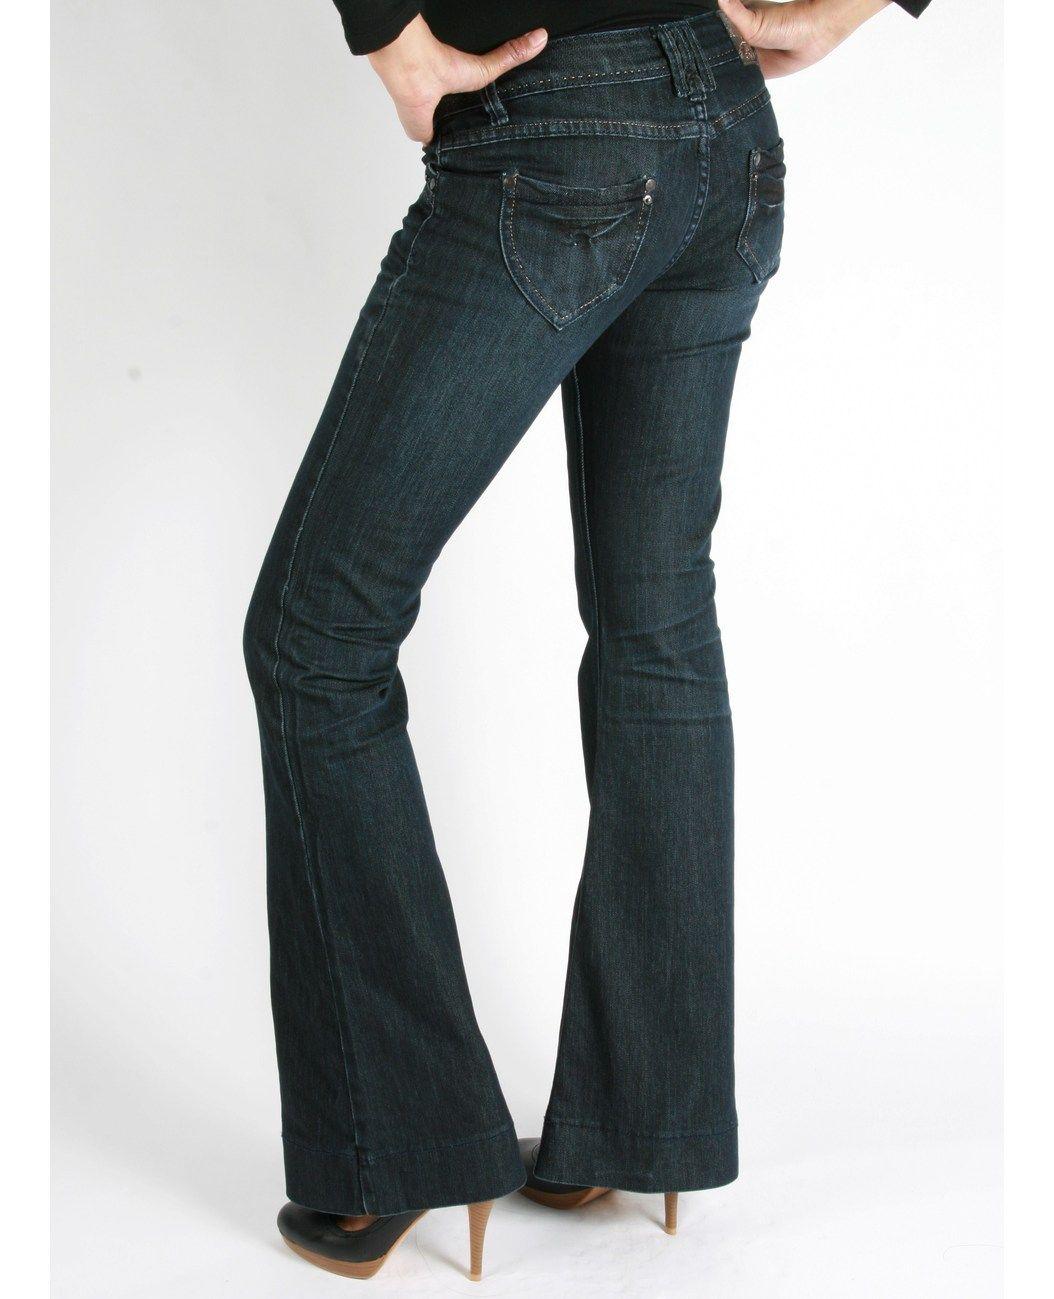 My Taste in Jeans Pattes d'éléphant, j'aime! Plus c'est large, mieux c'est. Pour concours #ReitmansJeans